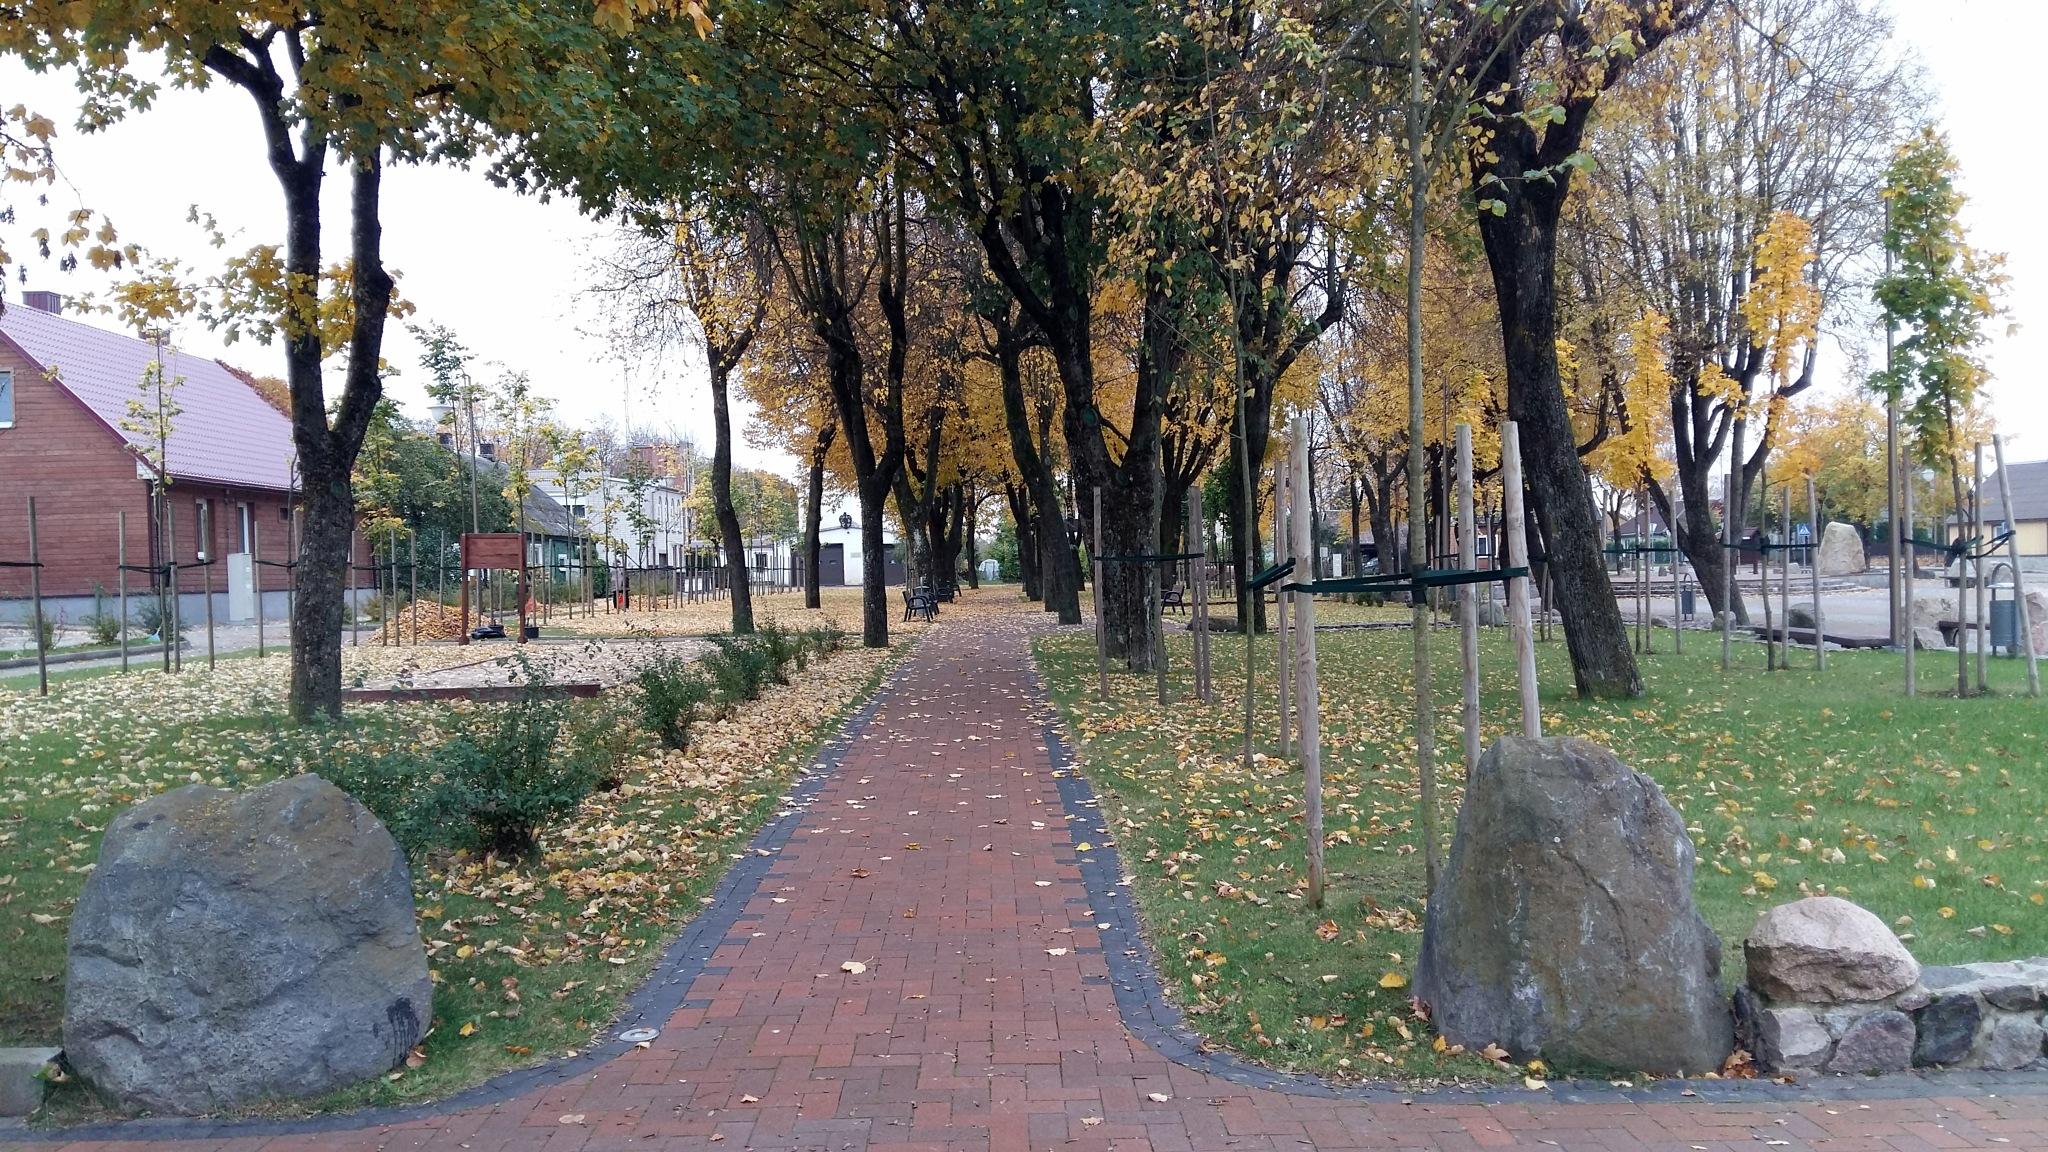 Park in autumn by uzkuraitiene62